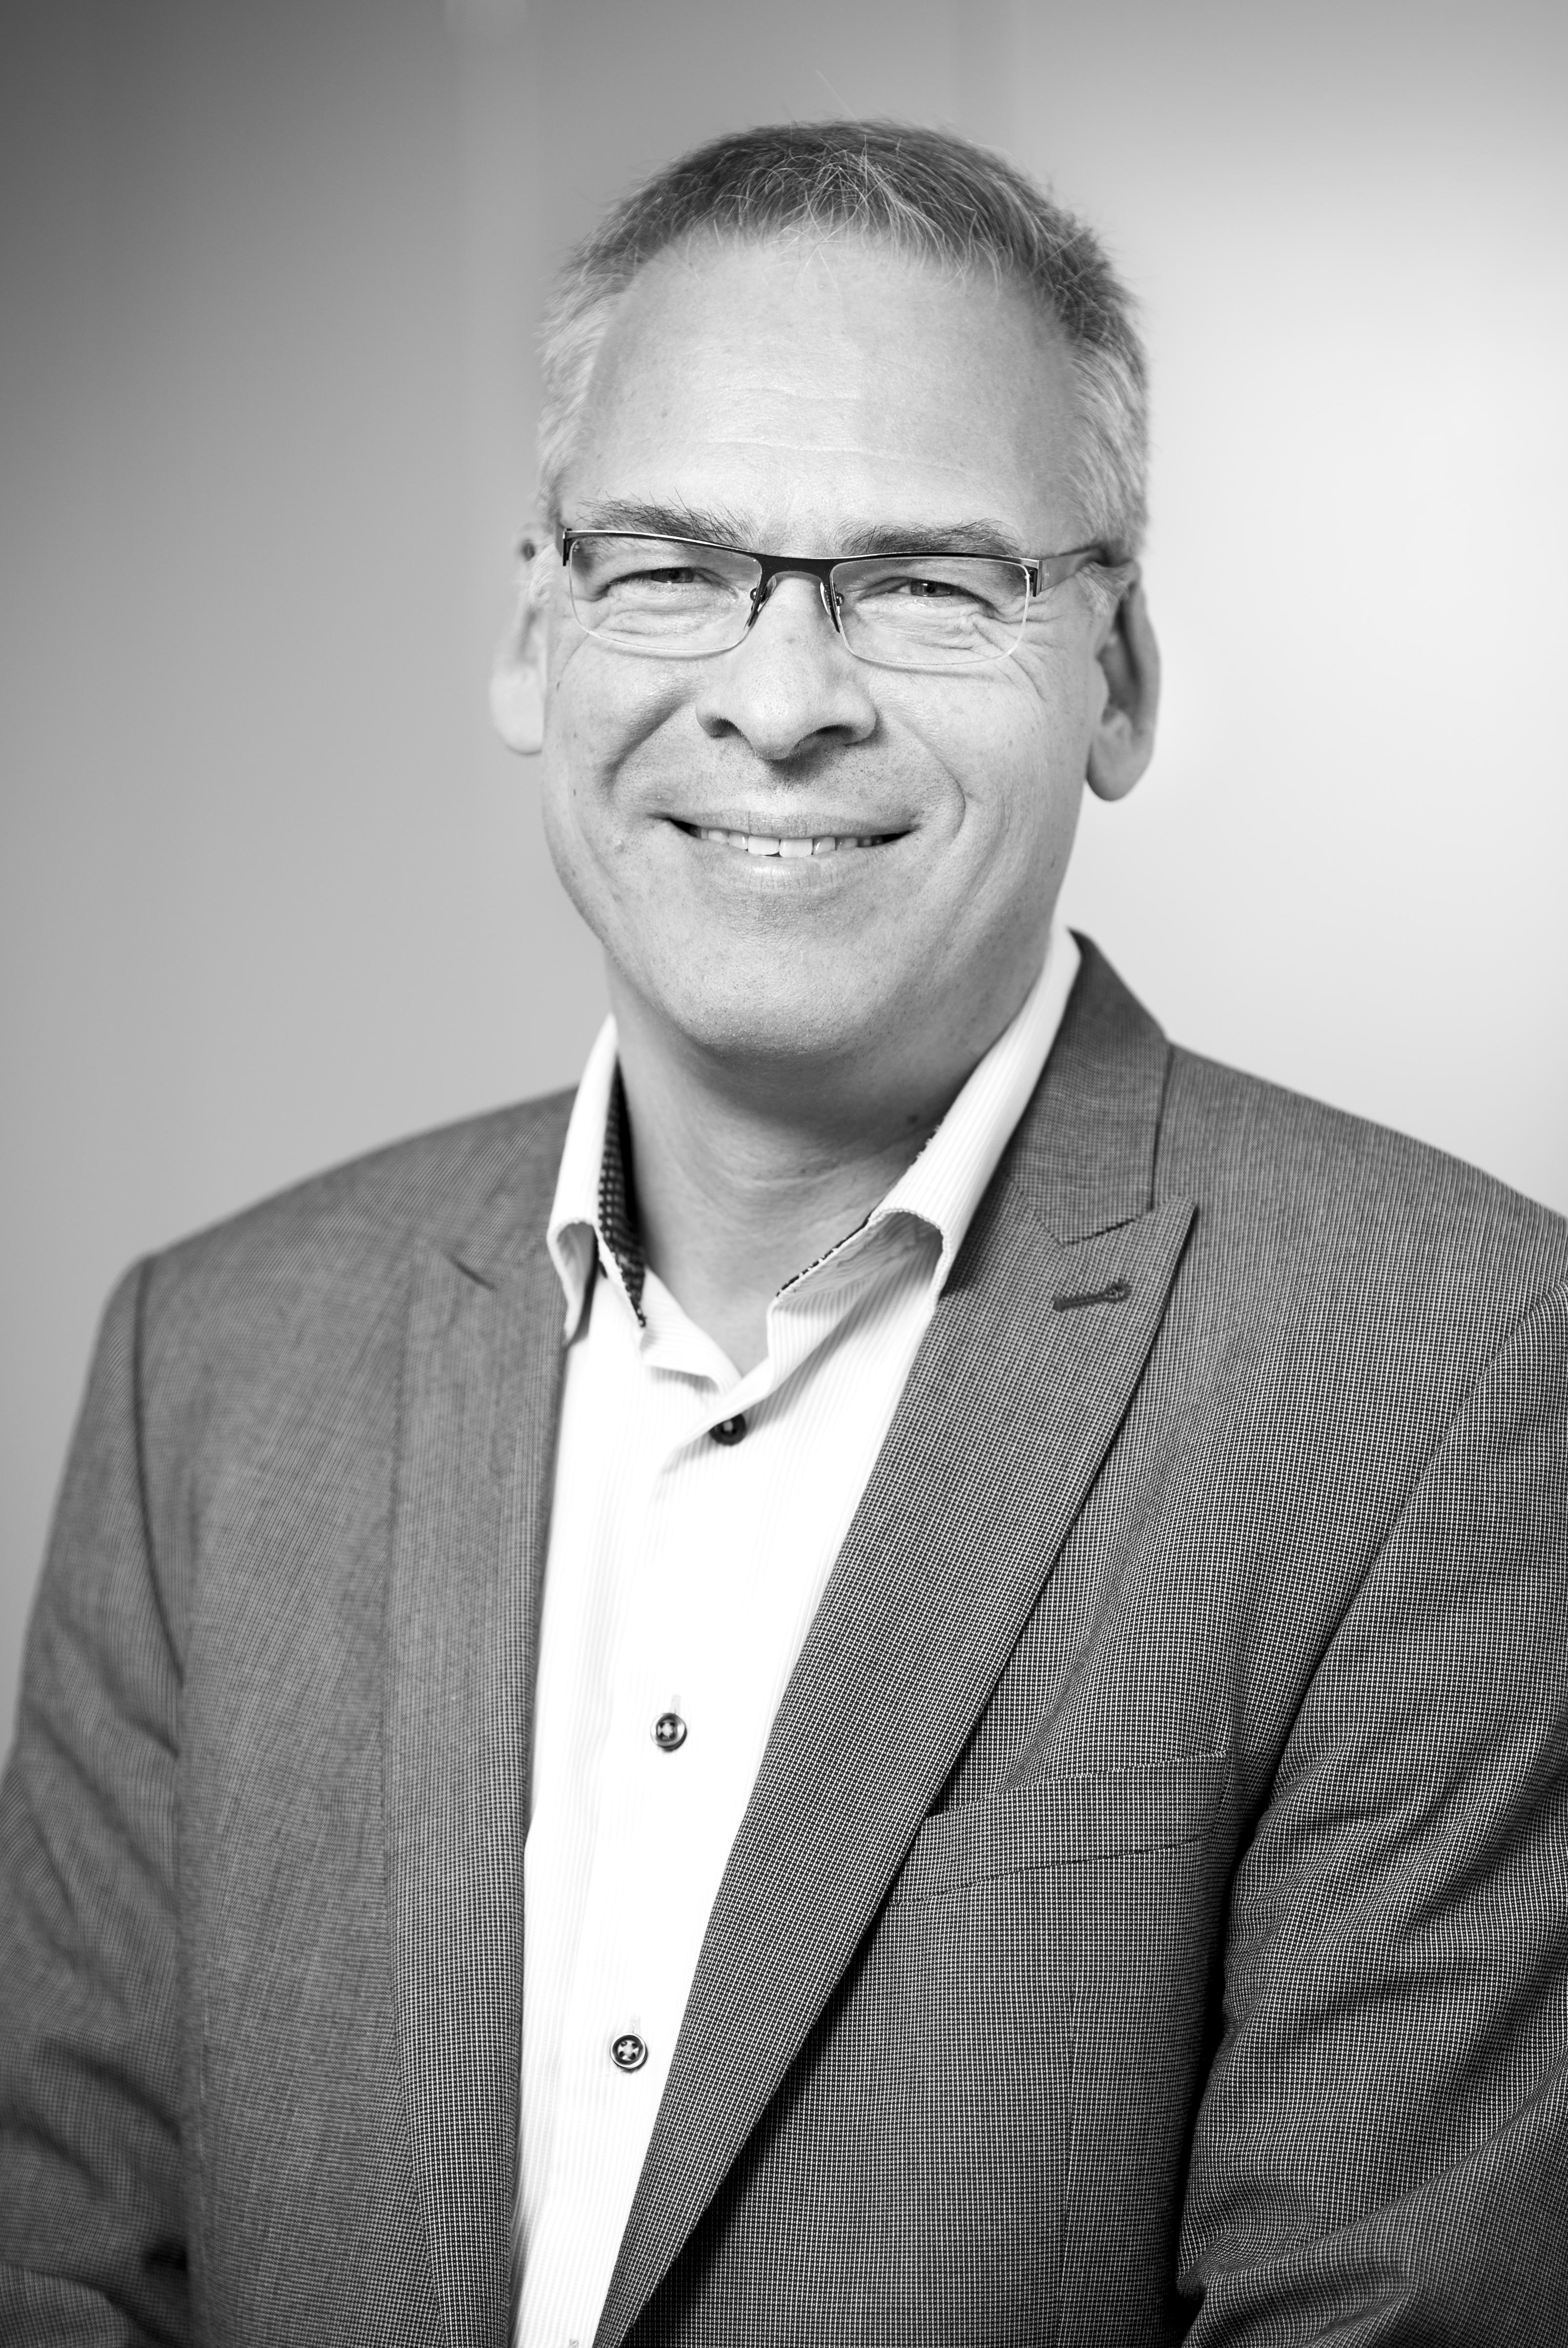 Lars Kornbek